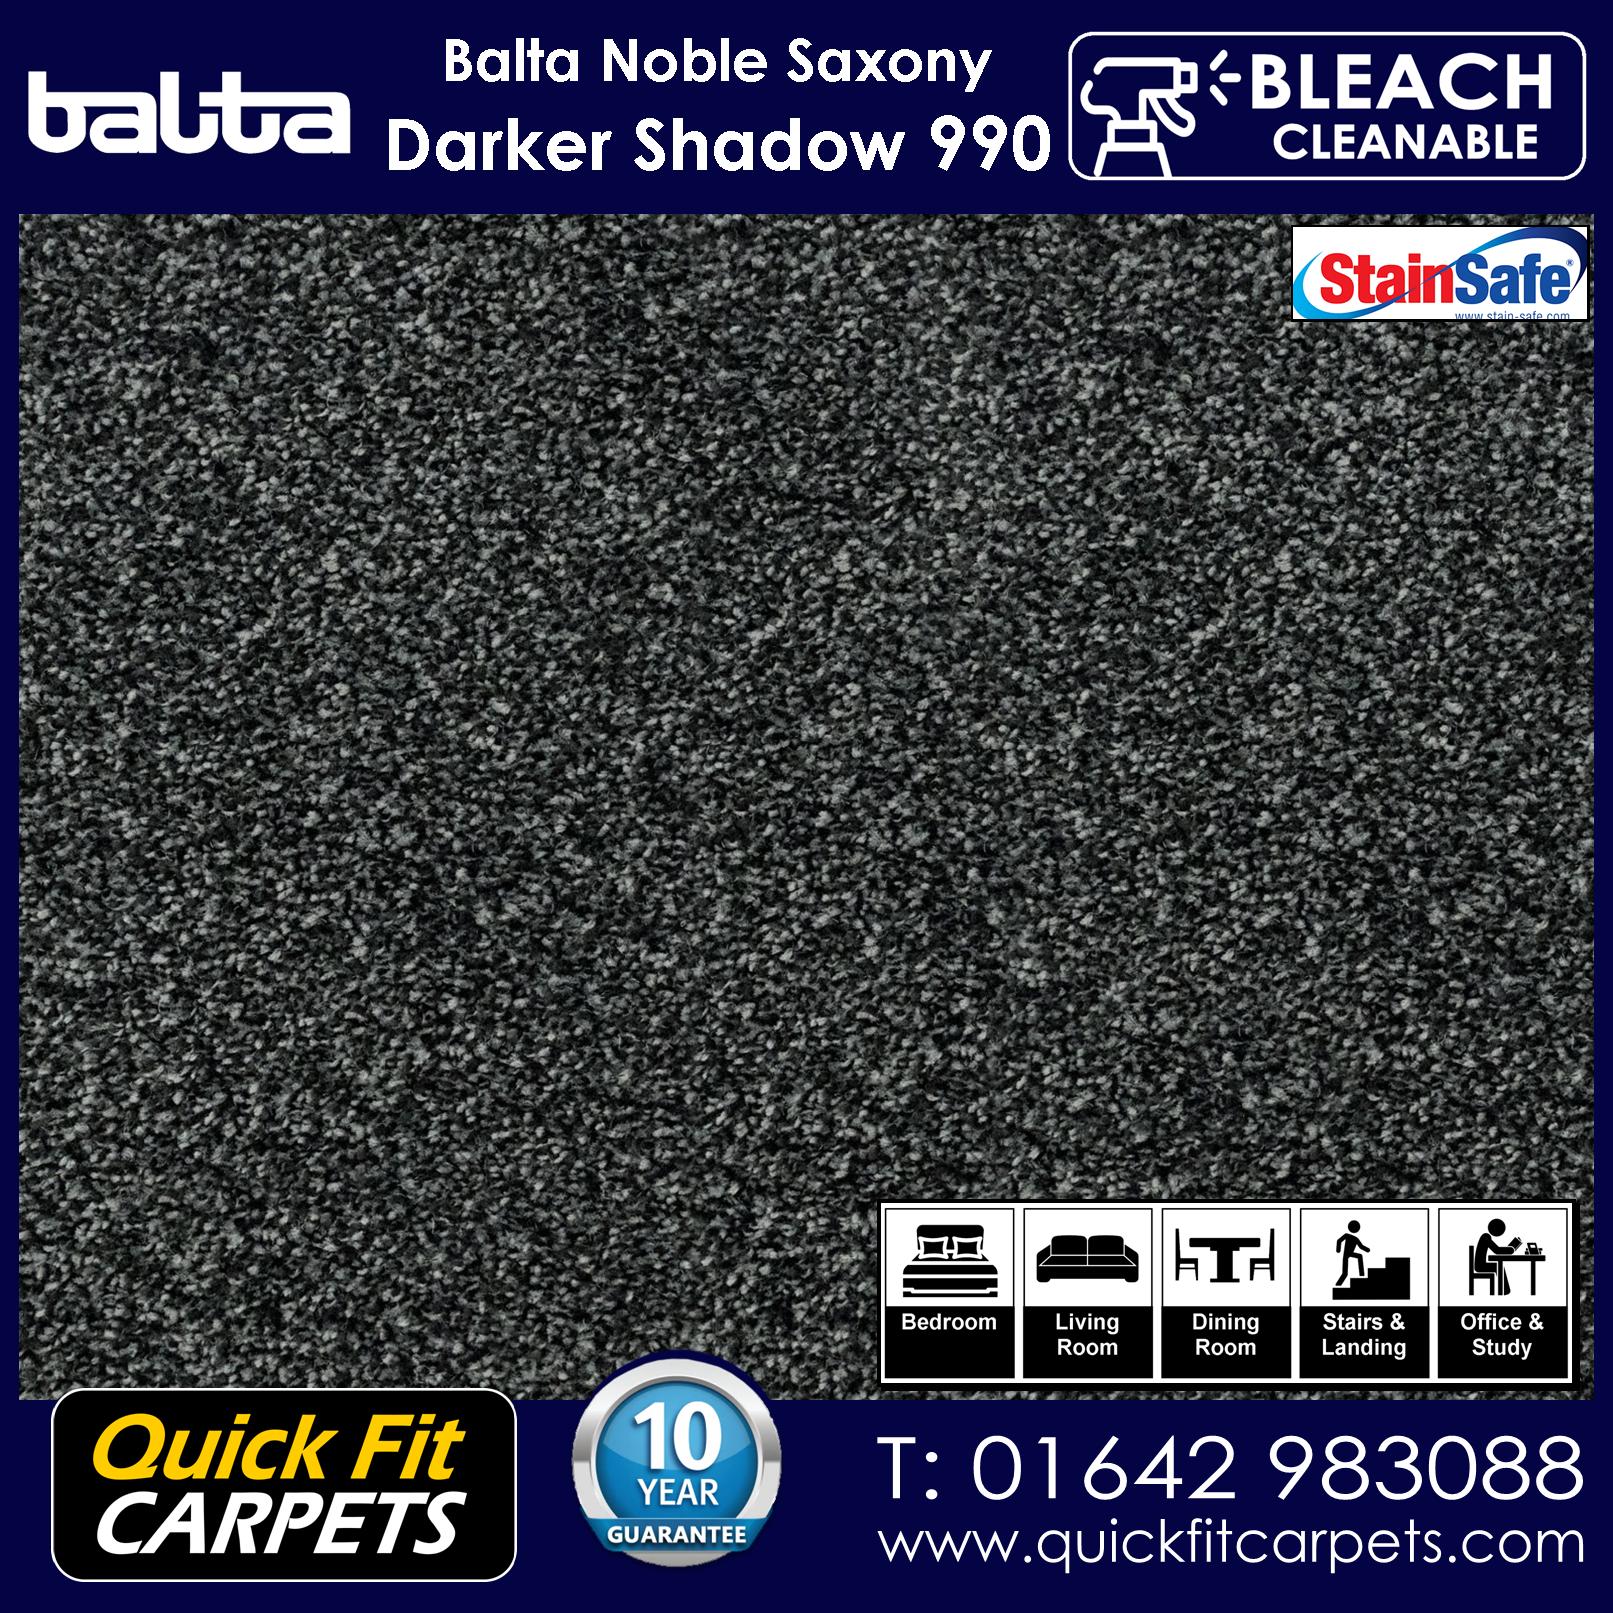 Quick Fit Carpets Balta Luxury Pile Darker Shadow 990